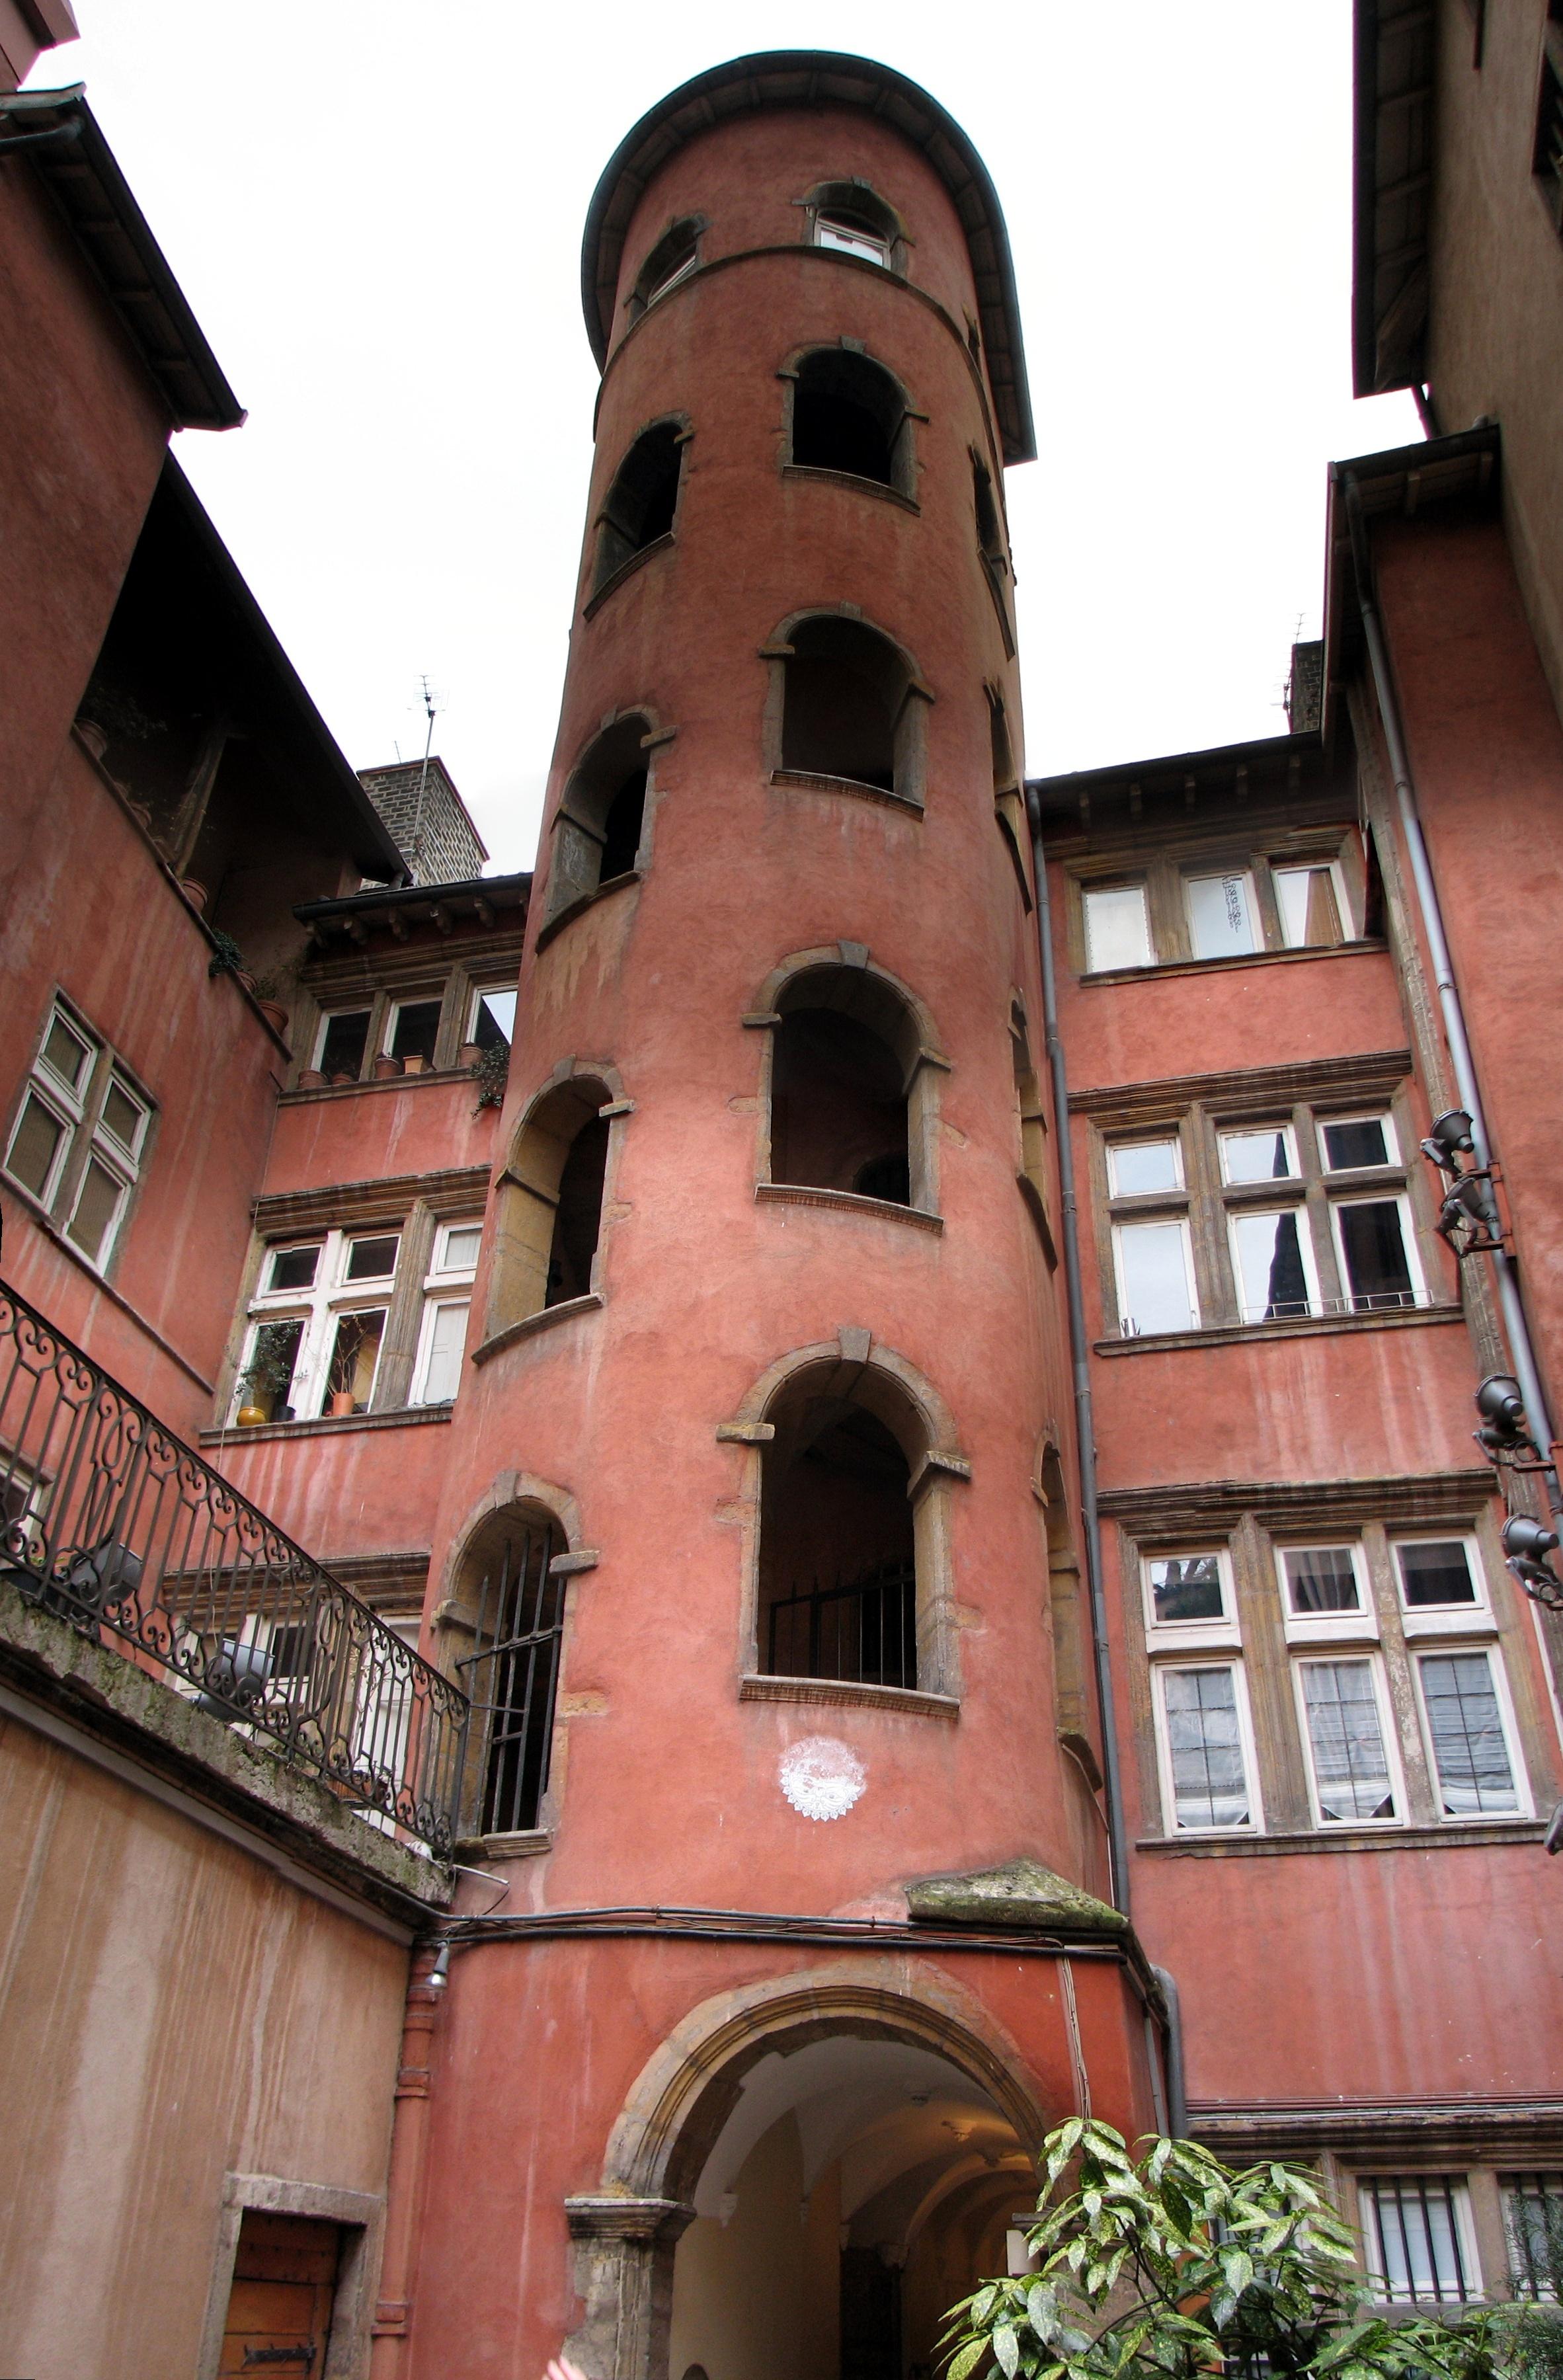 Traboule_courtyard_C_staircase_Lyon